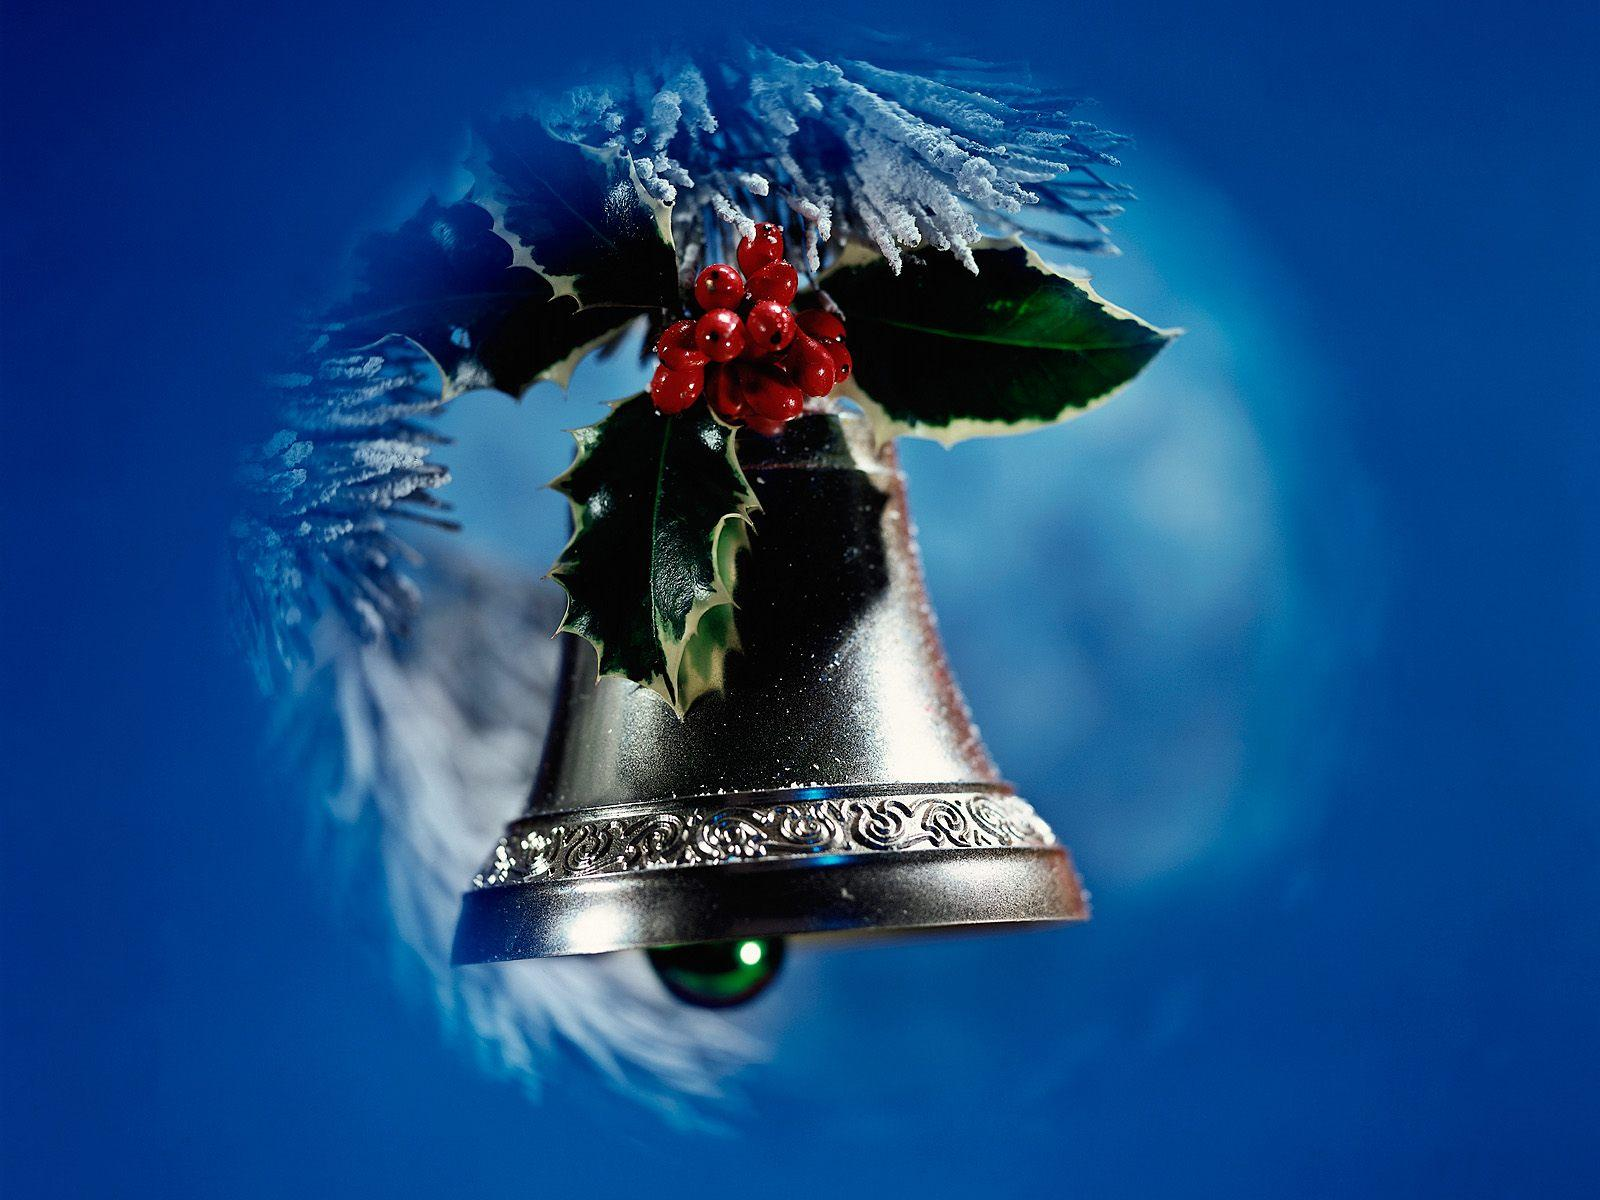 http://4.bp.blogspot.com/-KQK7ymxptbw/ULUCNCzmufI/AAAAAAAAC3c/AUe15DR0wuc/s1600/1-Christmas-bells-wallpapers-silver-christmas-bell-on-blue-background-wallpaper.jpg